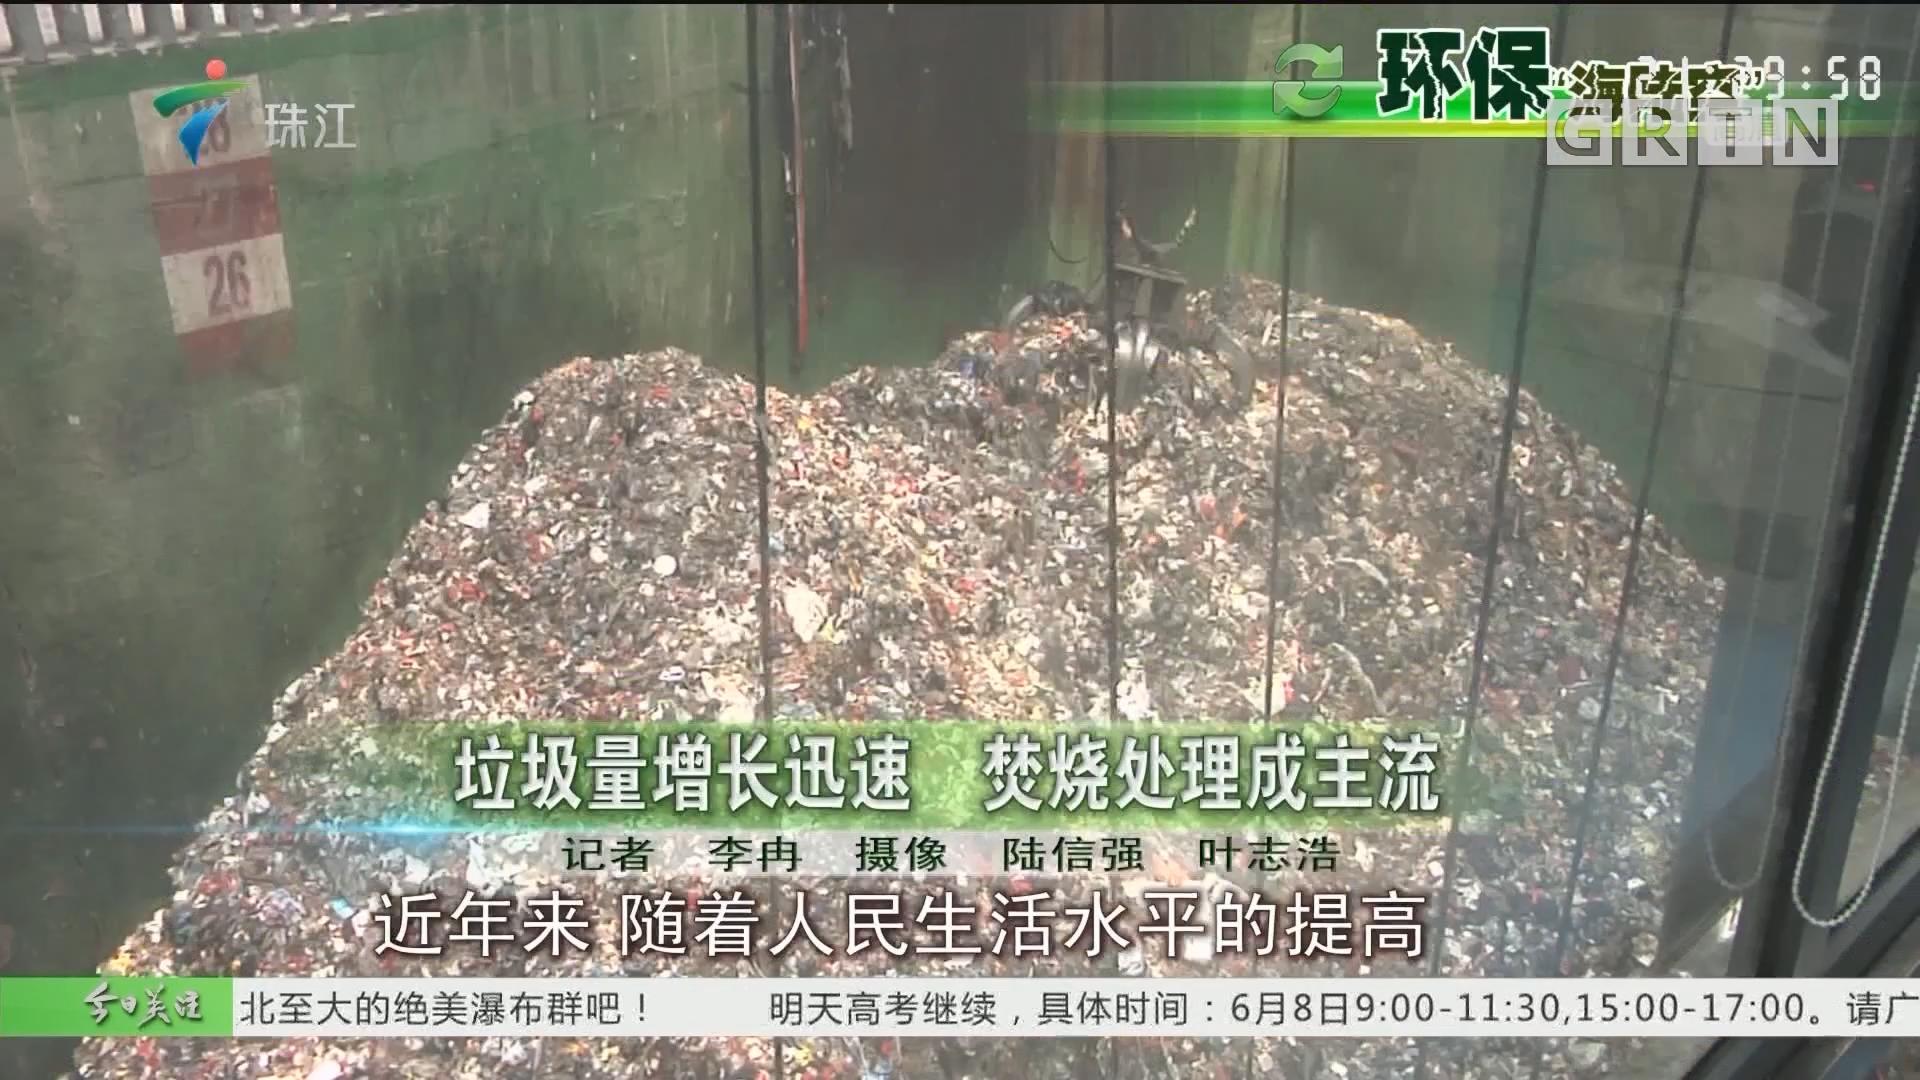 垃圾量增长迅速 焚烧处理成主流